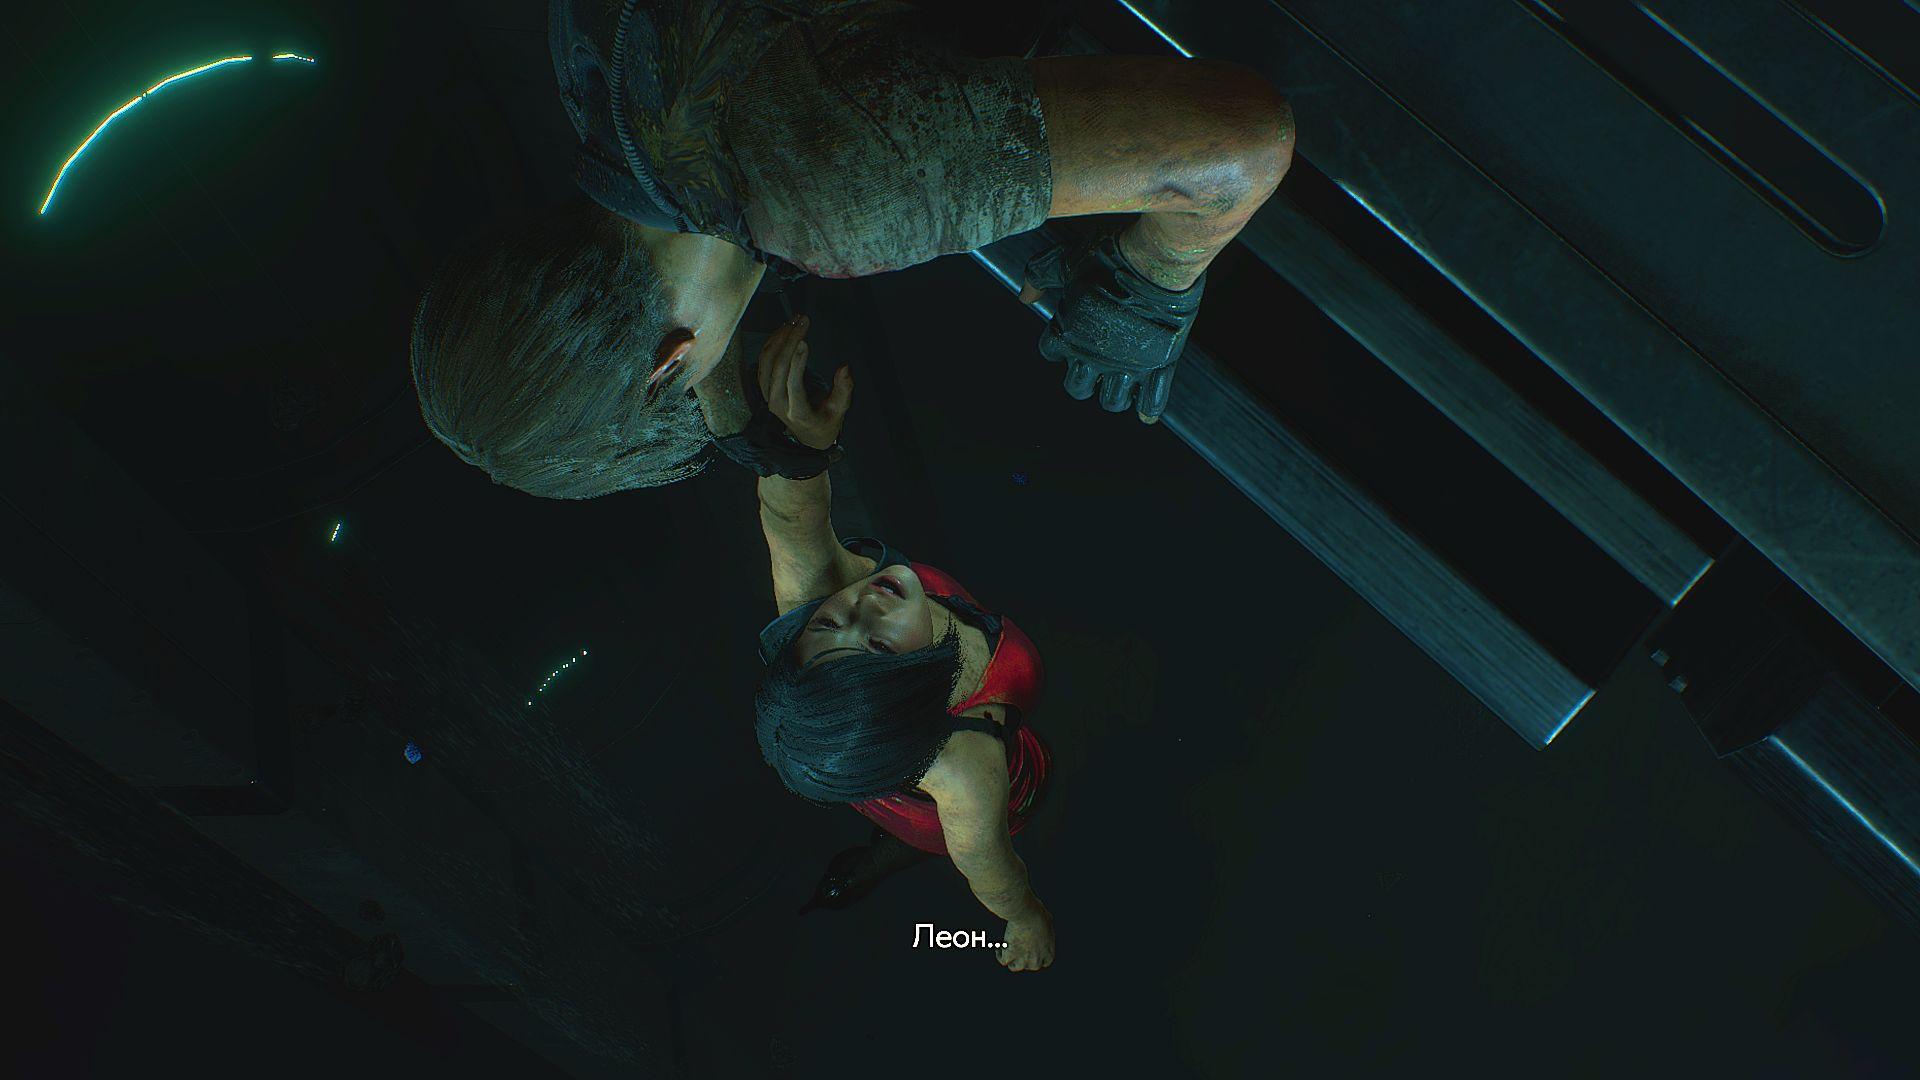 000224.Jpg - Resident Evil 2